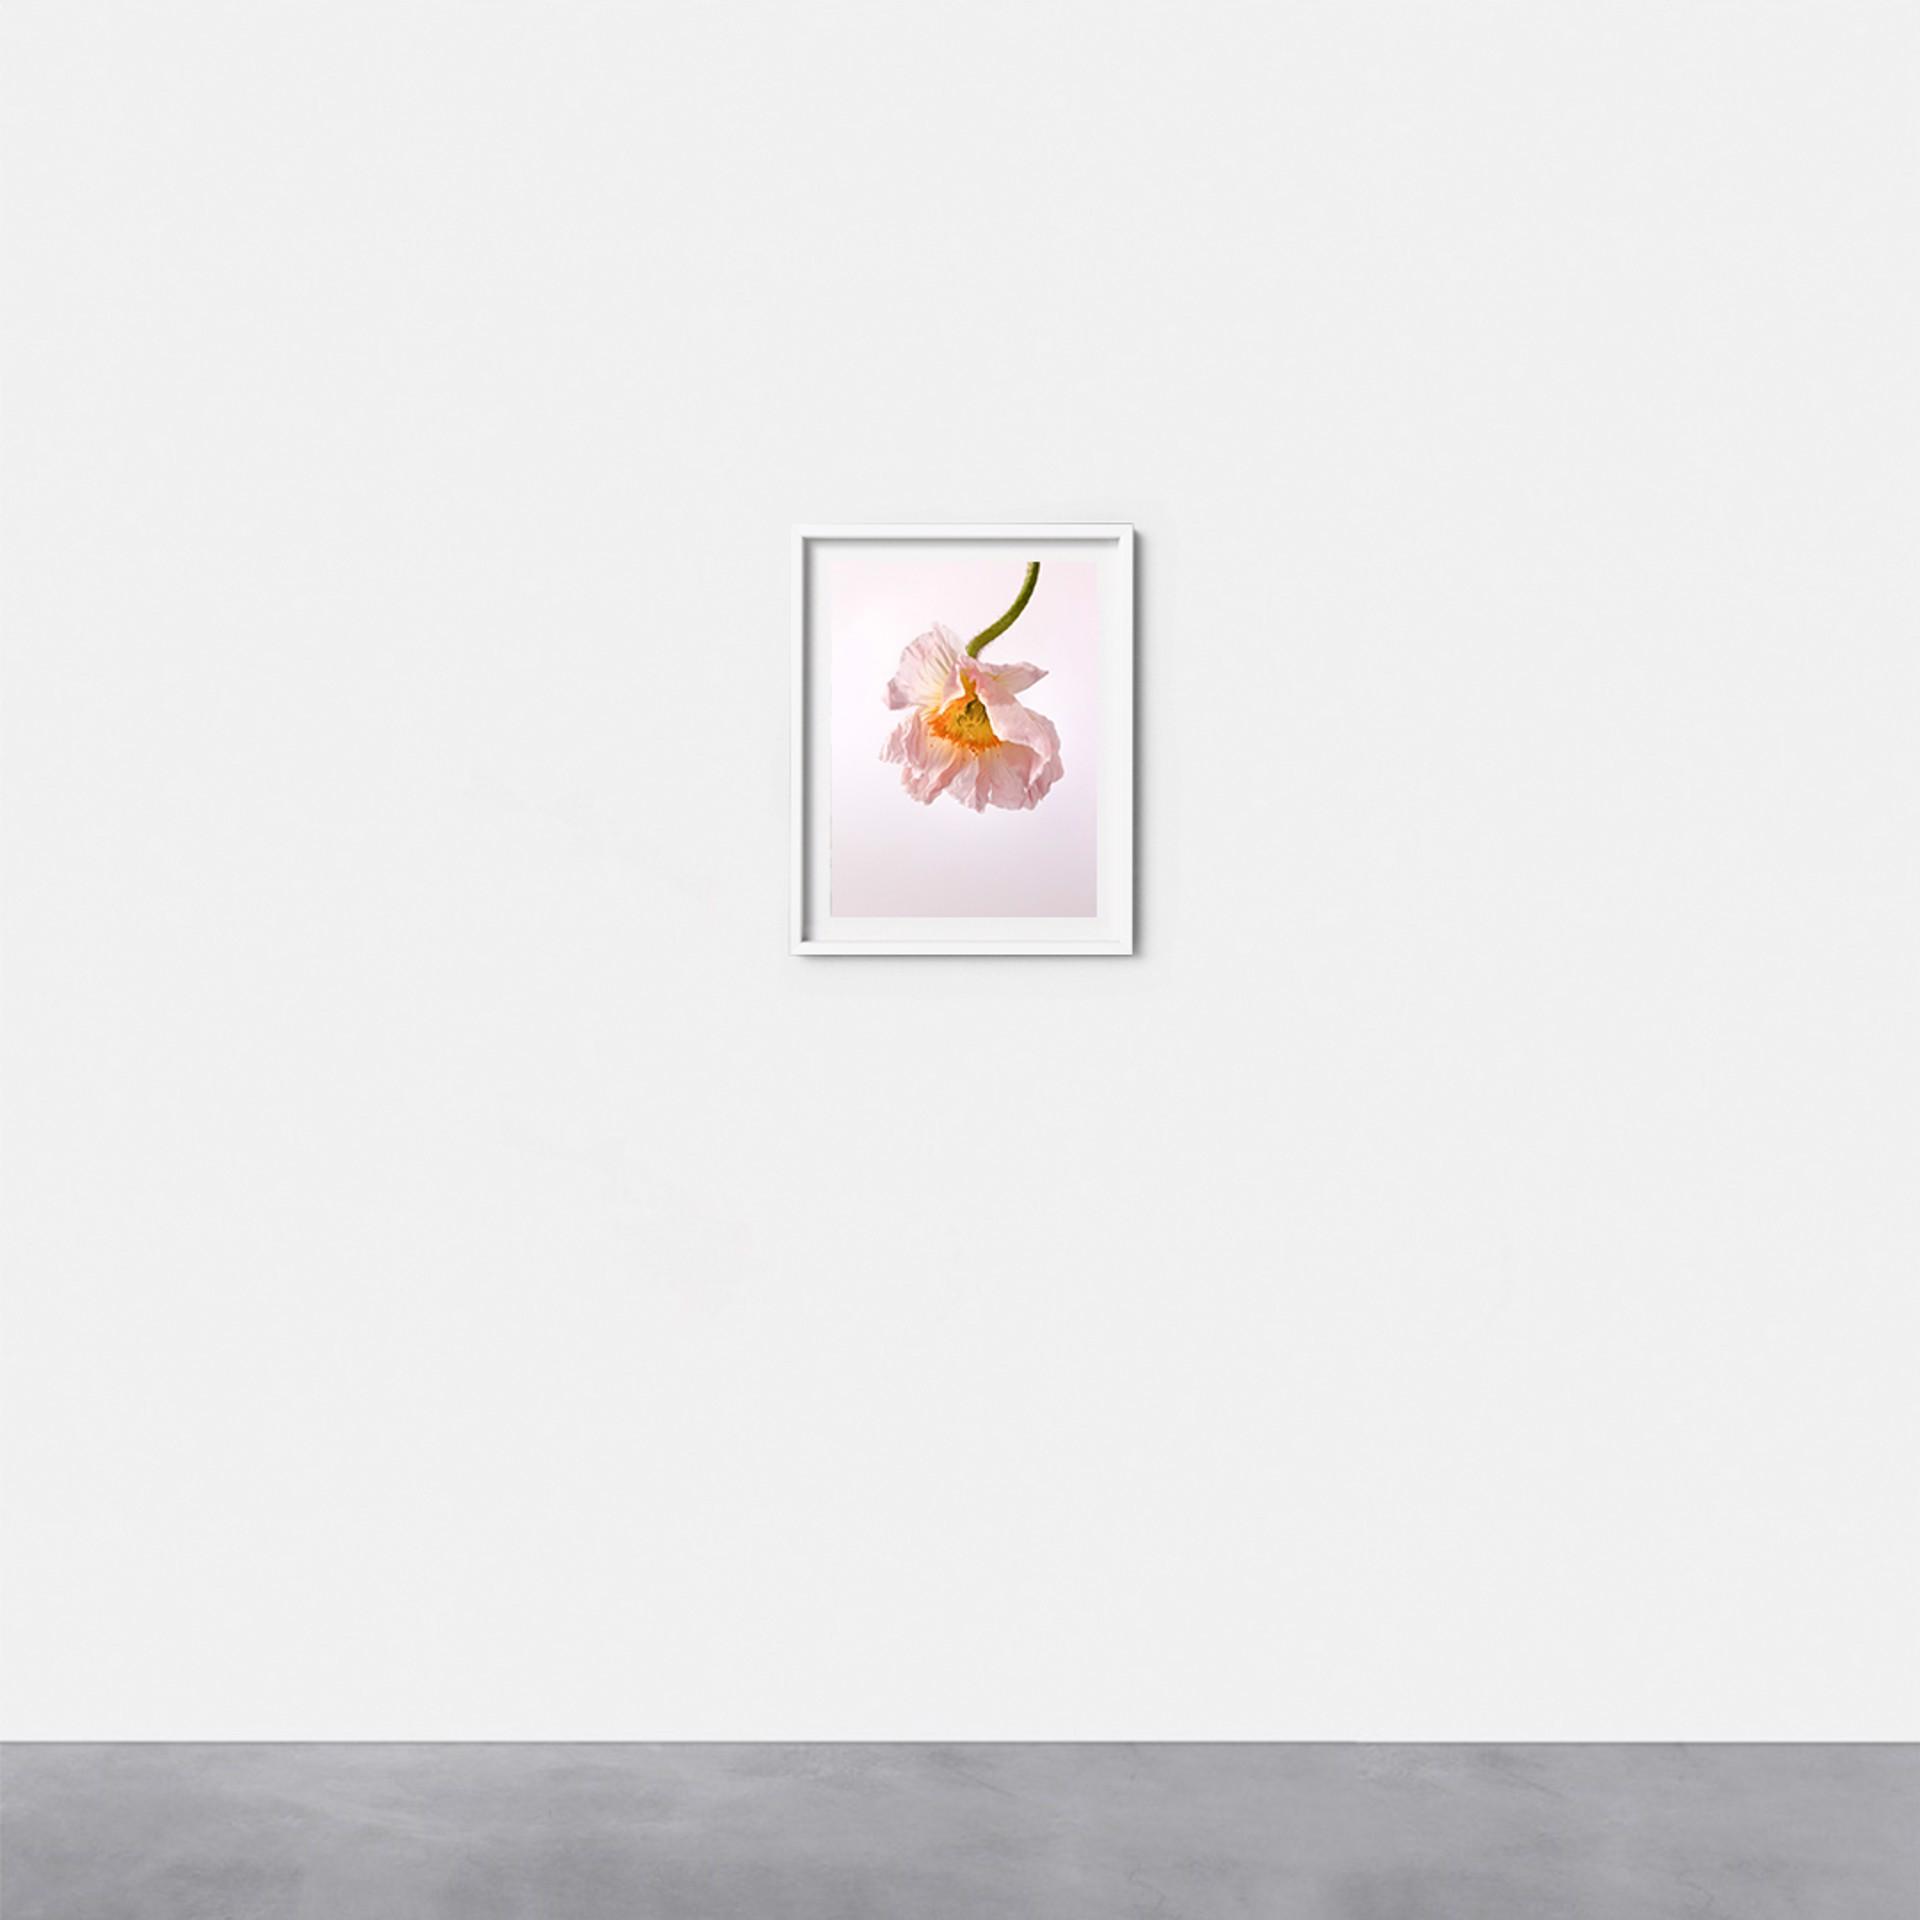 Flower #6 by Gabriella Imperatori-Penn